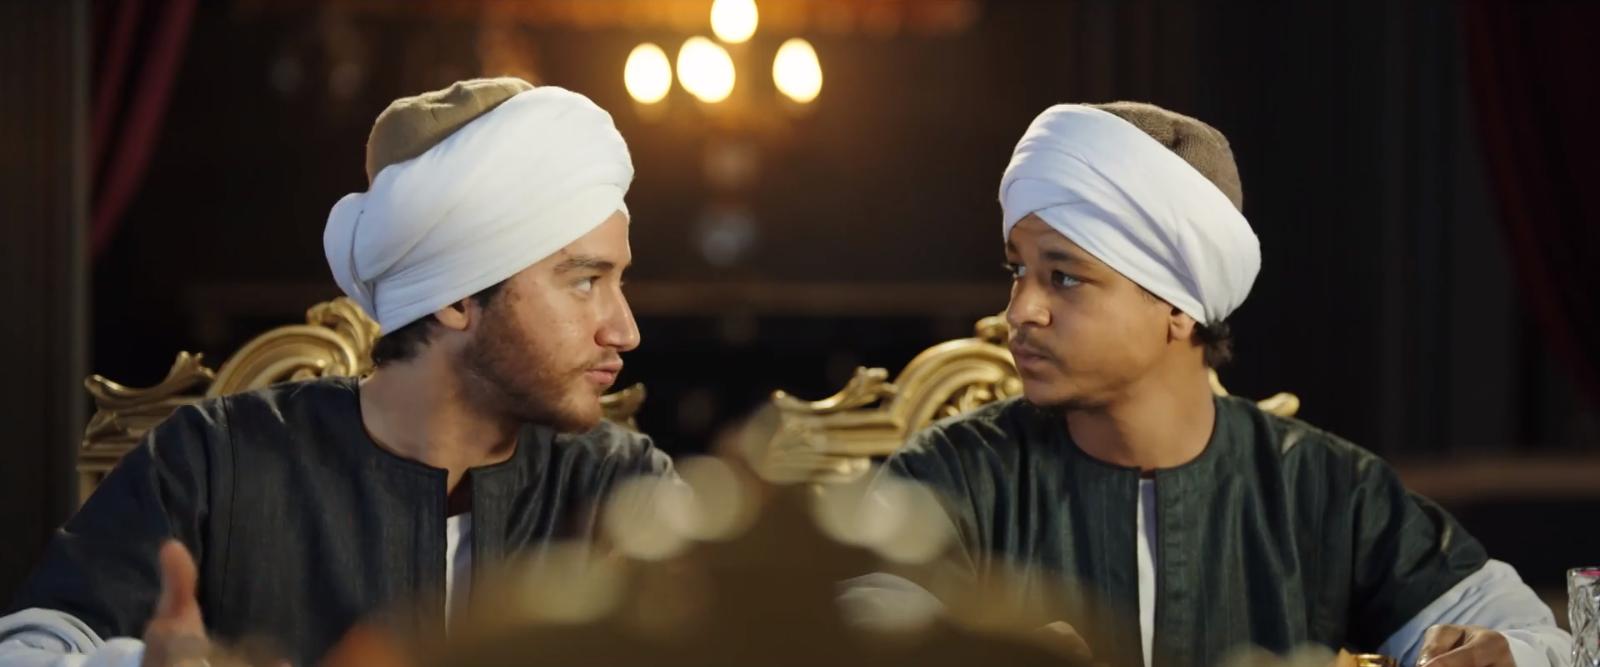 أحمد مالك وأحمد داش في نسل الأغراب